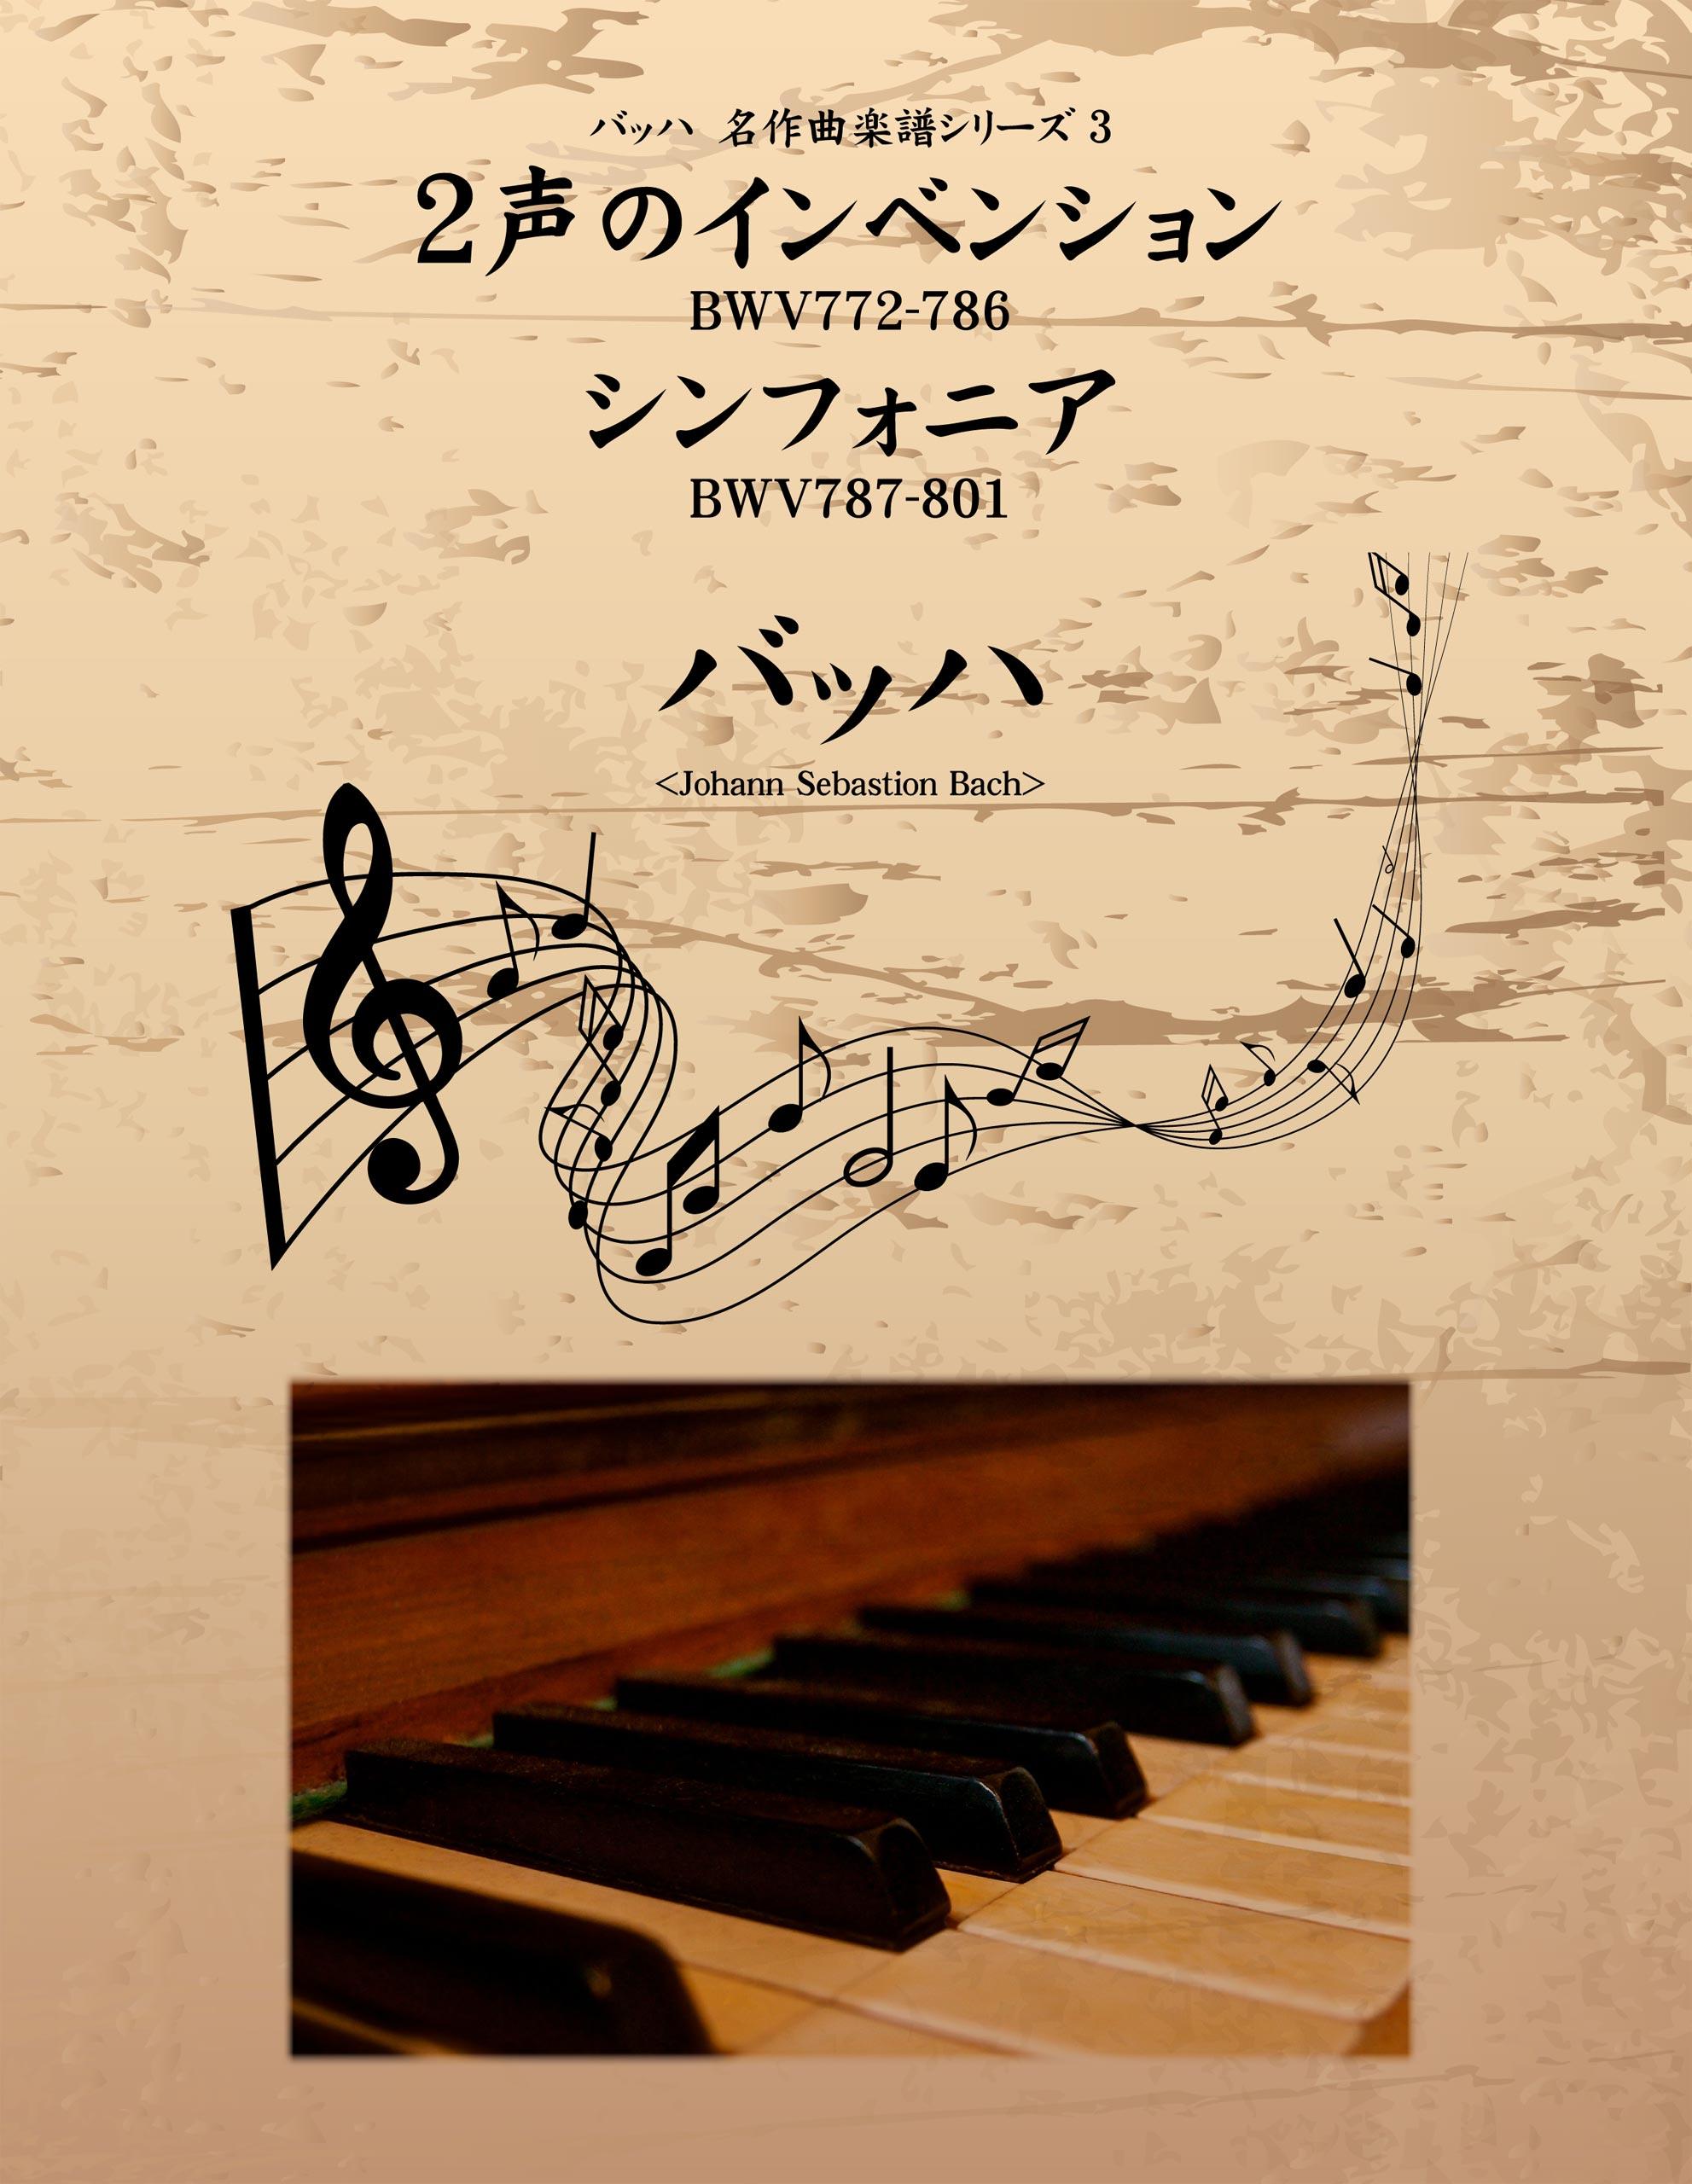 バッハ 名作曲楽譜シリーズ3 2声のインベンション BWV772-786 シンフォニア BWV787-801